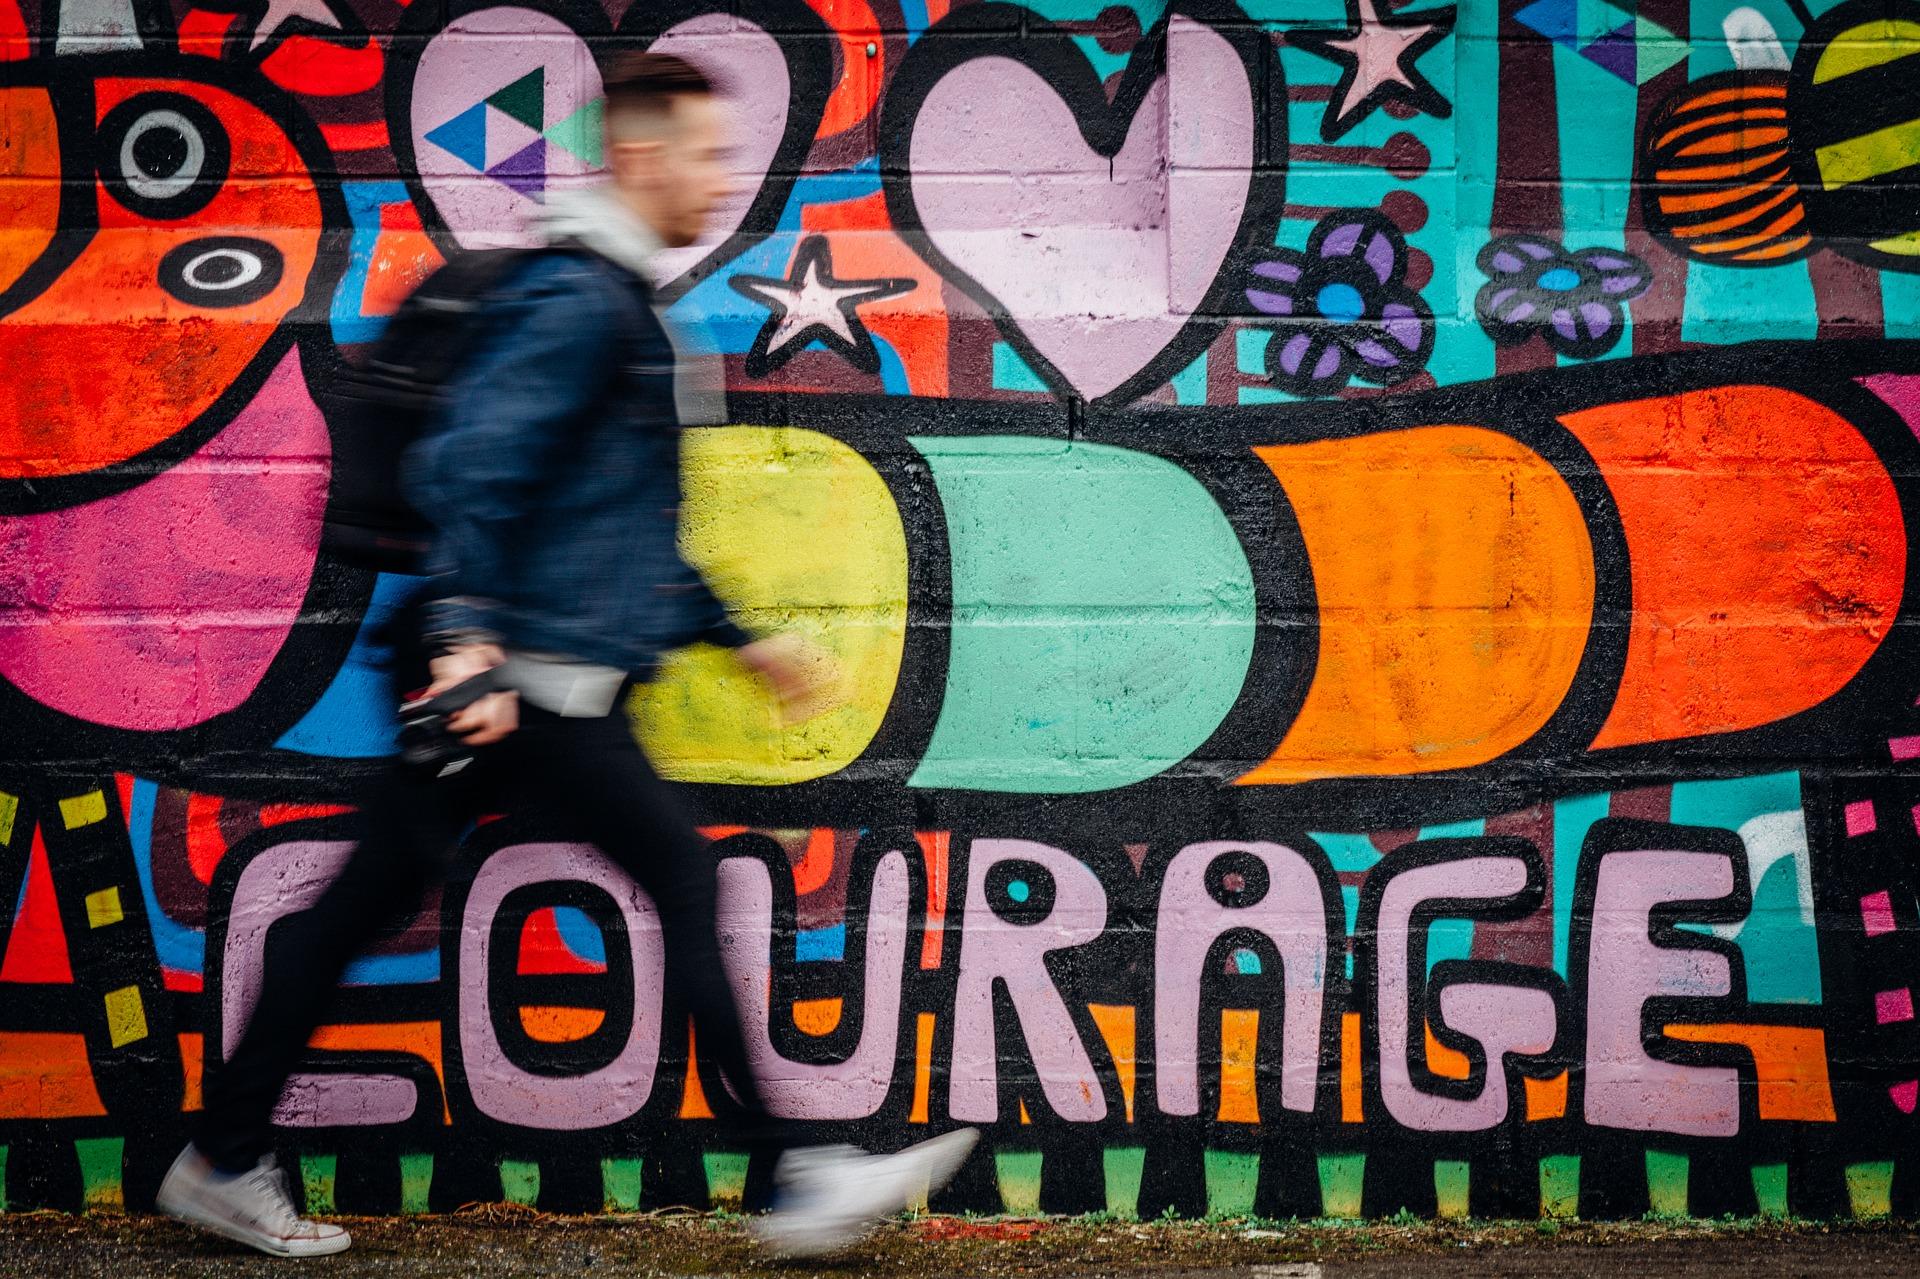 В Берлине сносят дом, который три месяца расписывали уличные художники